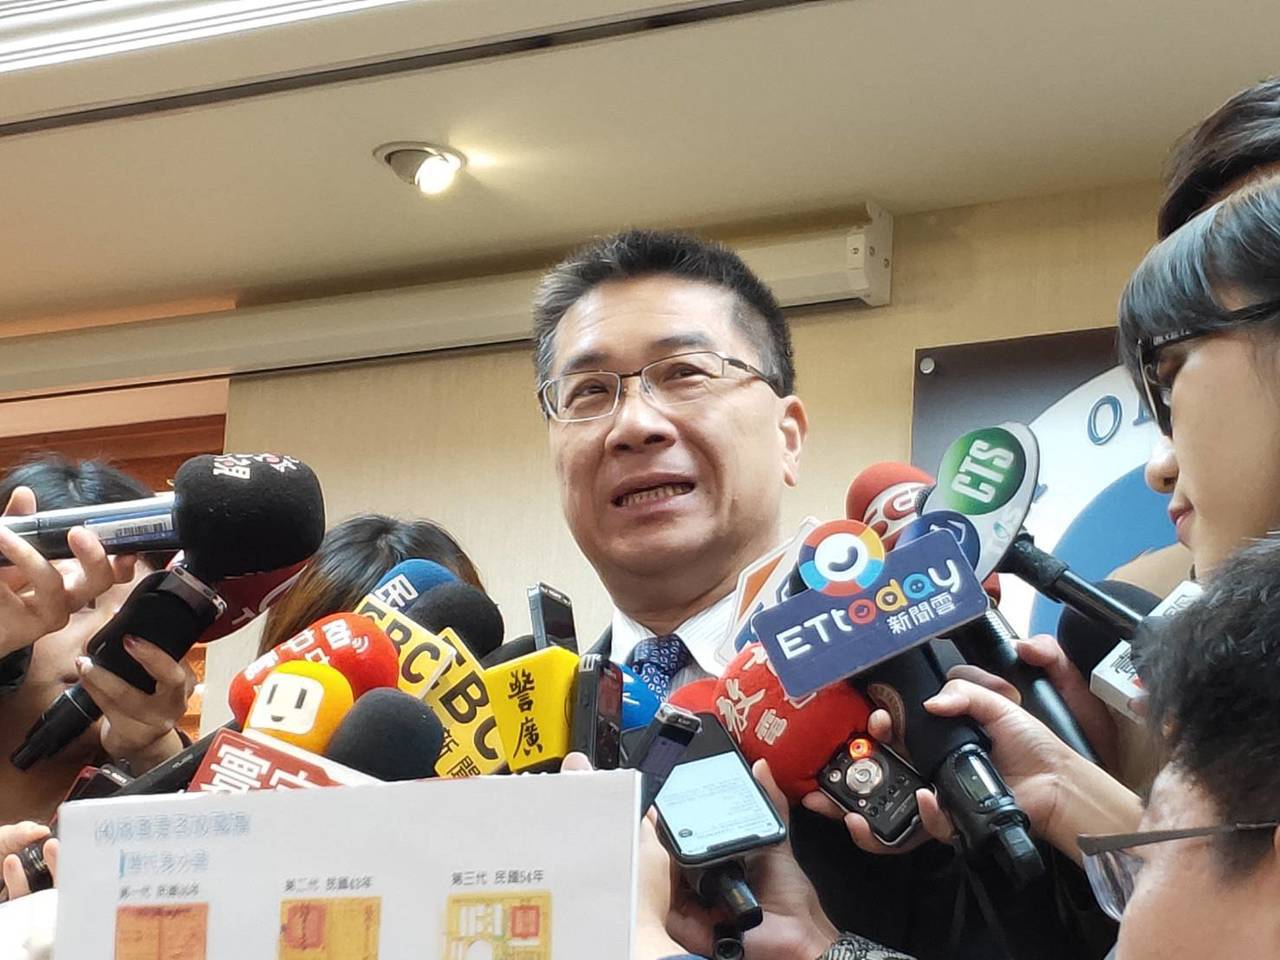 內政部長徐國勇拿著歷年的身分證解釋。記者徐偉真/攝影